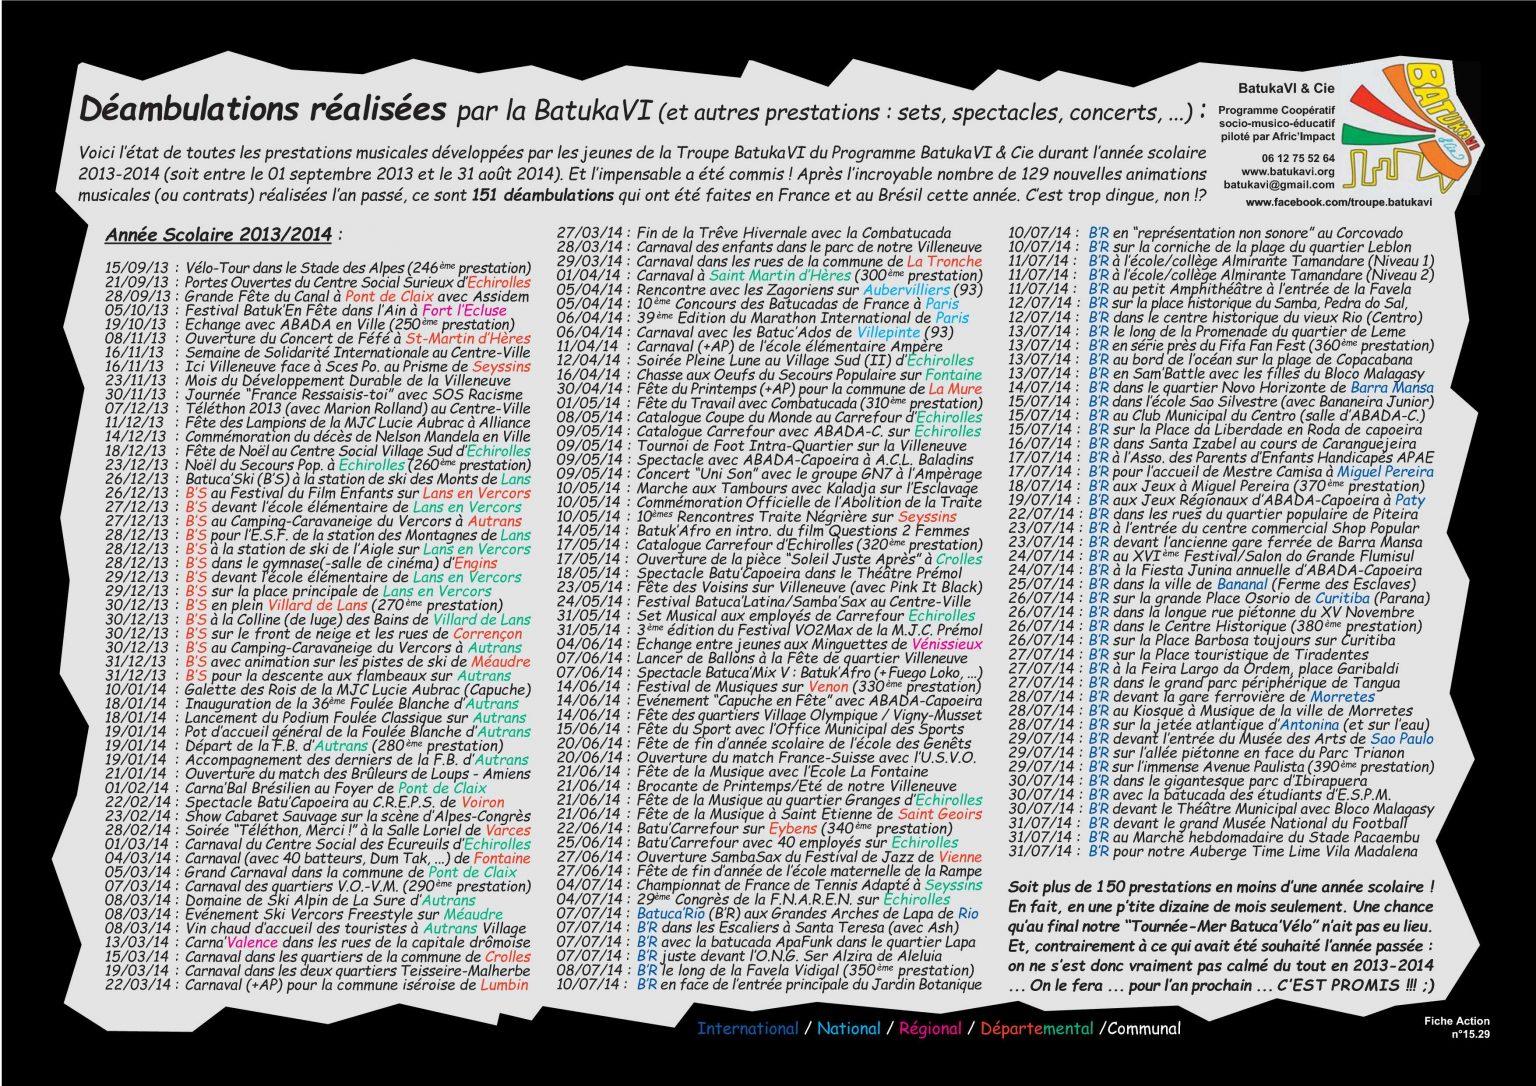 BatukaVI - F.A. 15.29 - Liste des Déambulations Réalisées 2013-2014